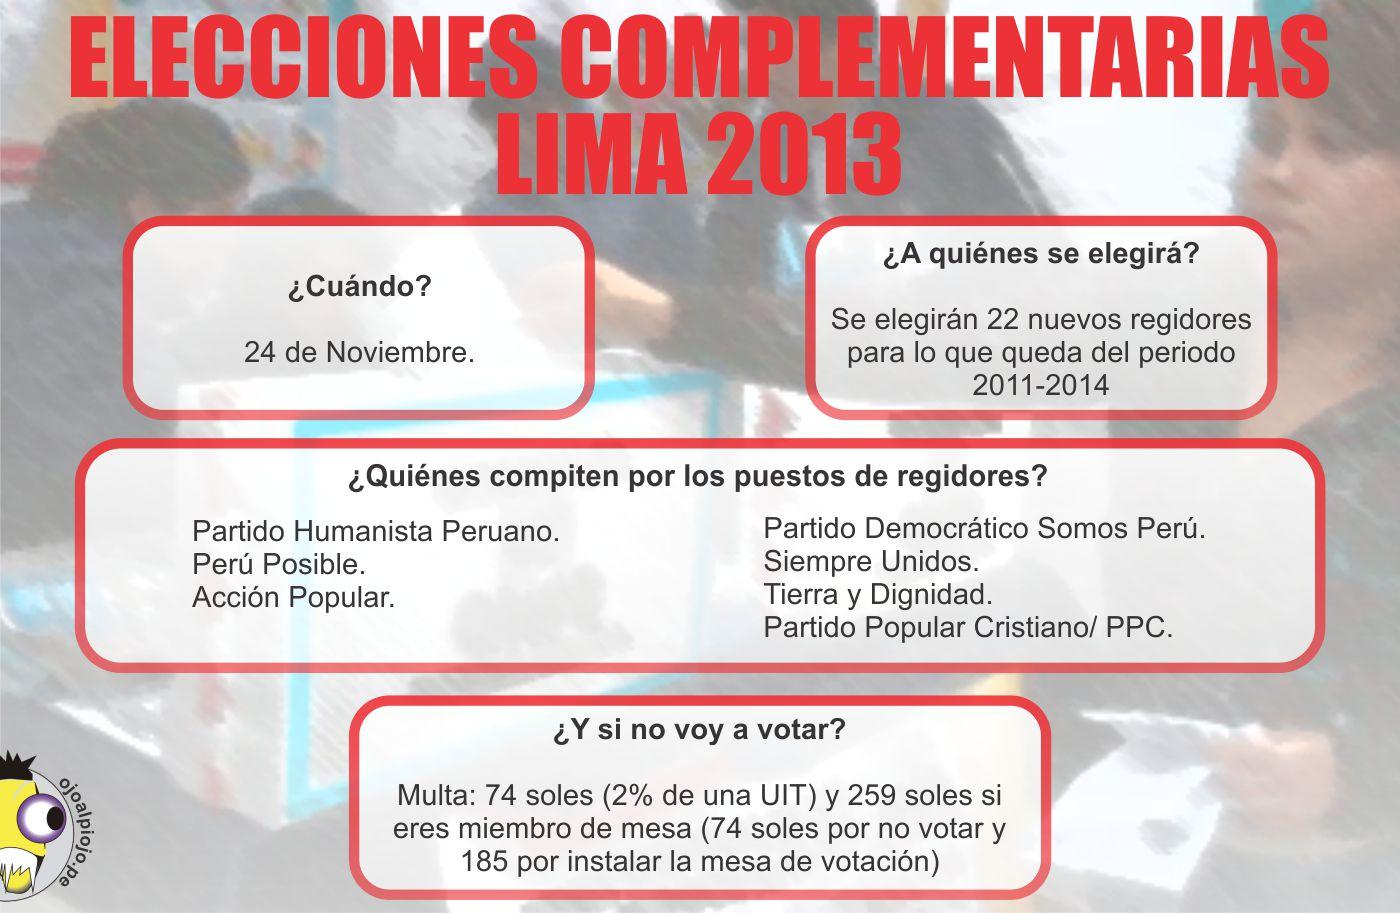 Ojo al Piojo - Elecciones 2013